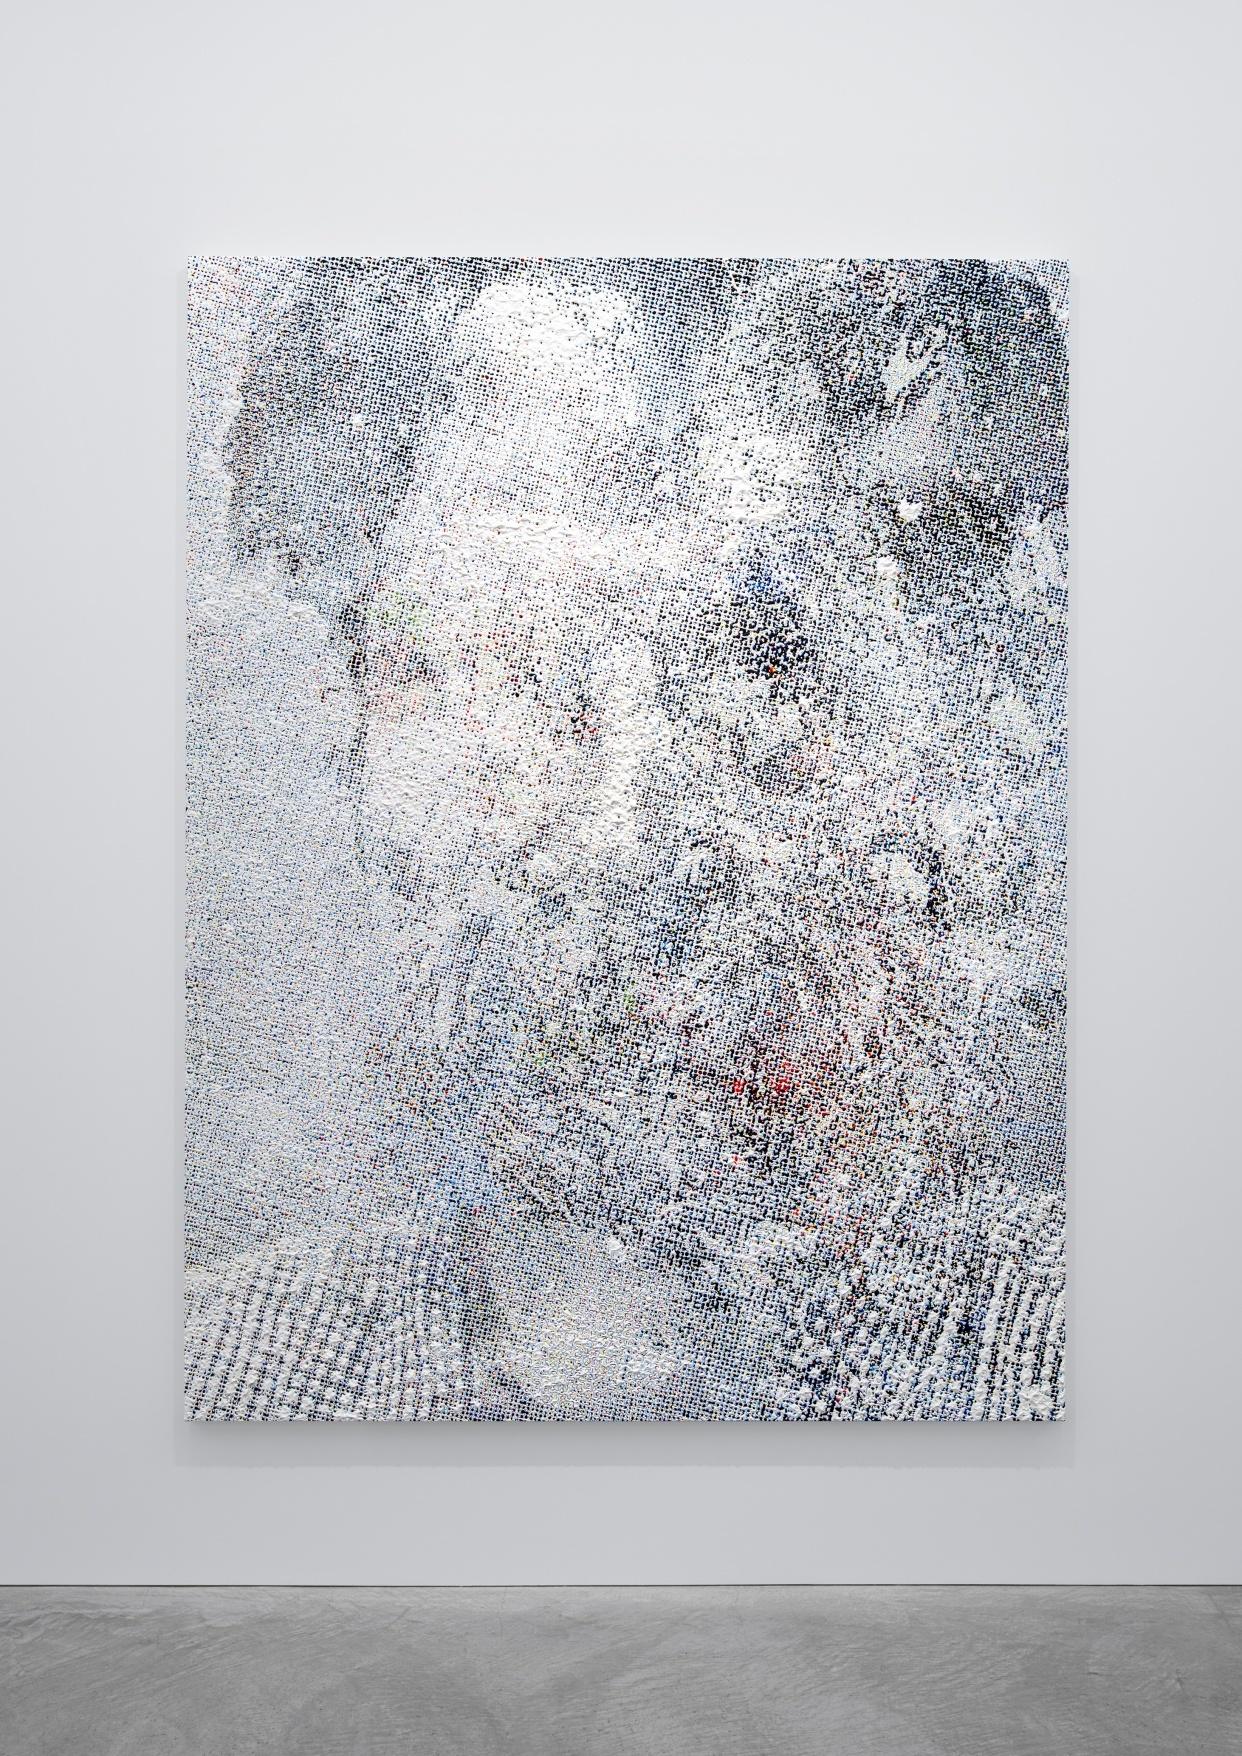 Neural Network_1 2017, oil on canvas, 215.0 × 163.0 cm ©Makoto Saito